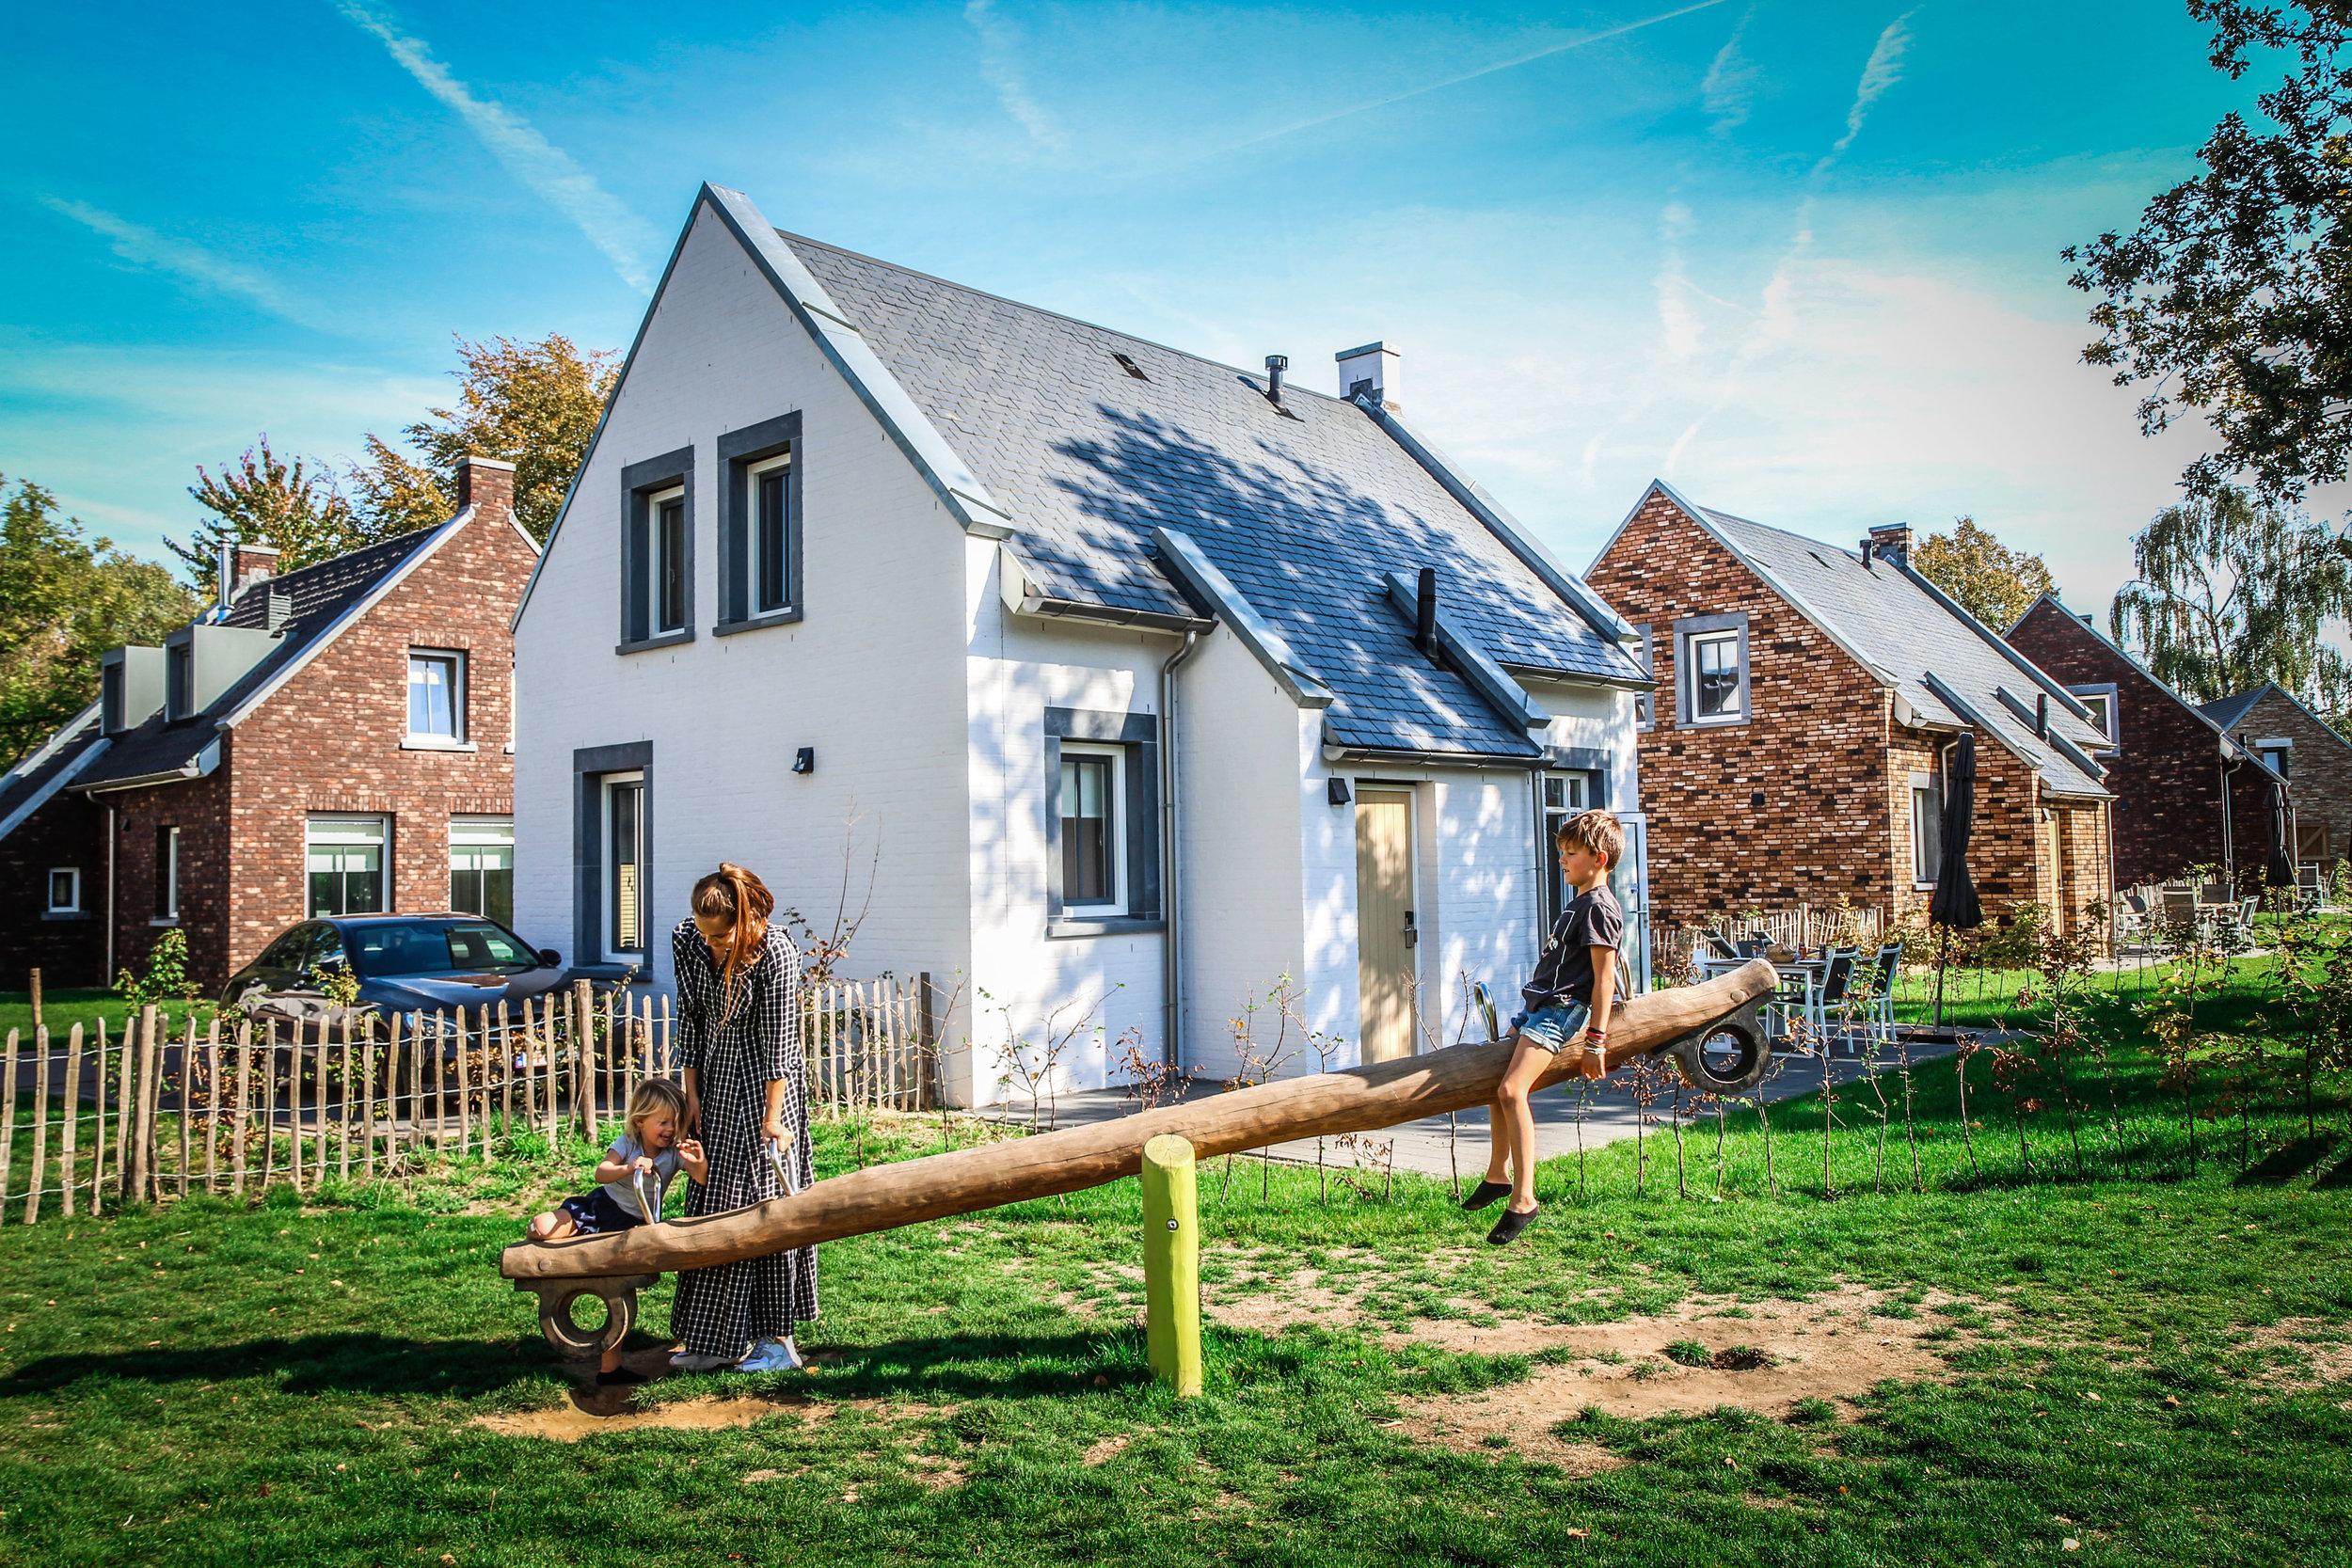 Dormio_Maastricht_vakantiepark-3.JPG